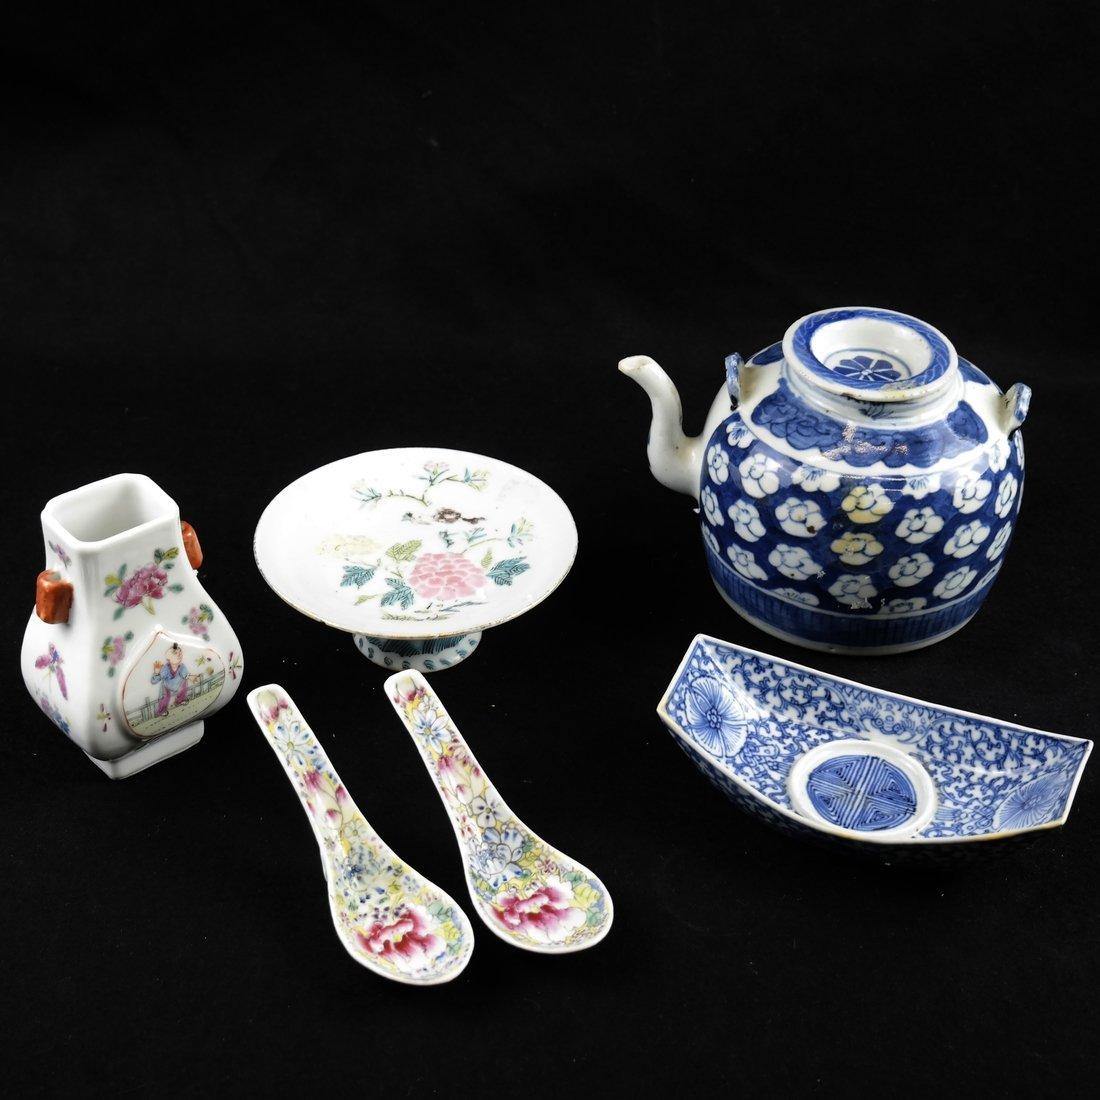 Six Pieces of Asian Porcelain